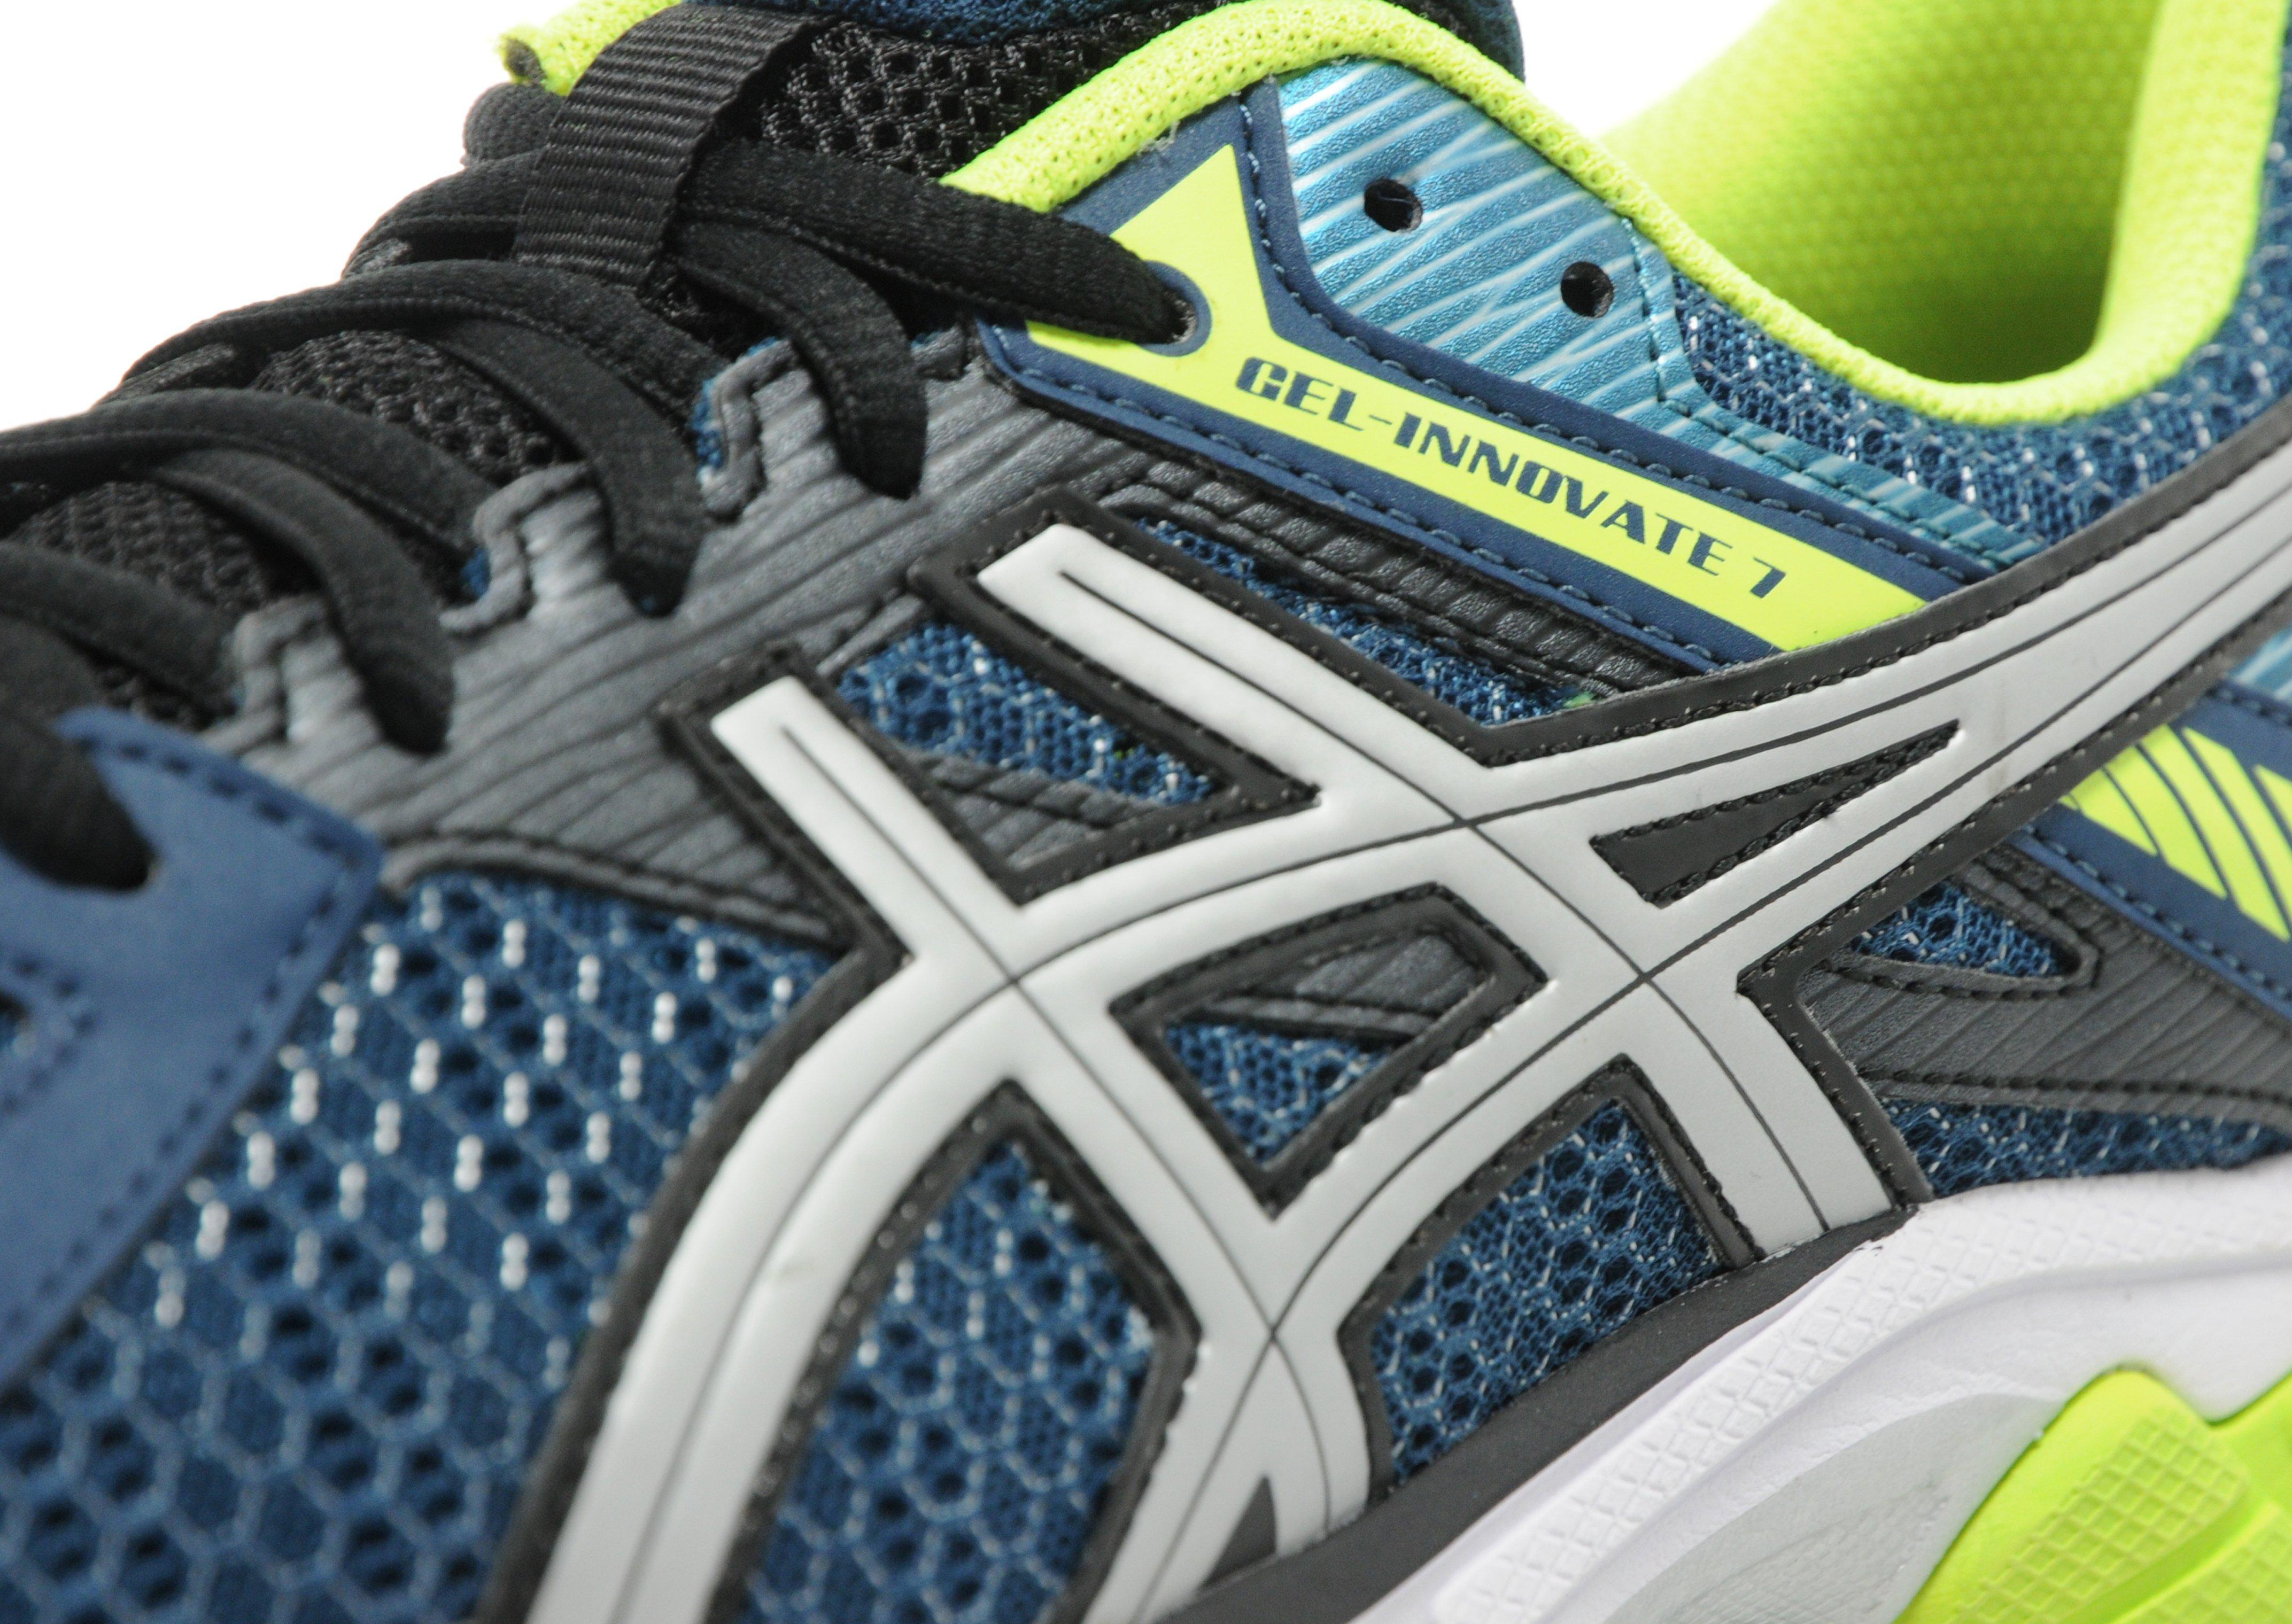 asics gel innovate 7 running shoe